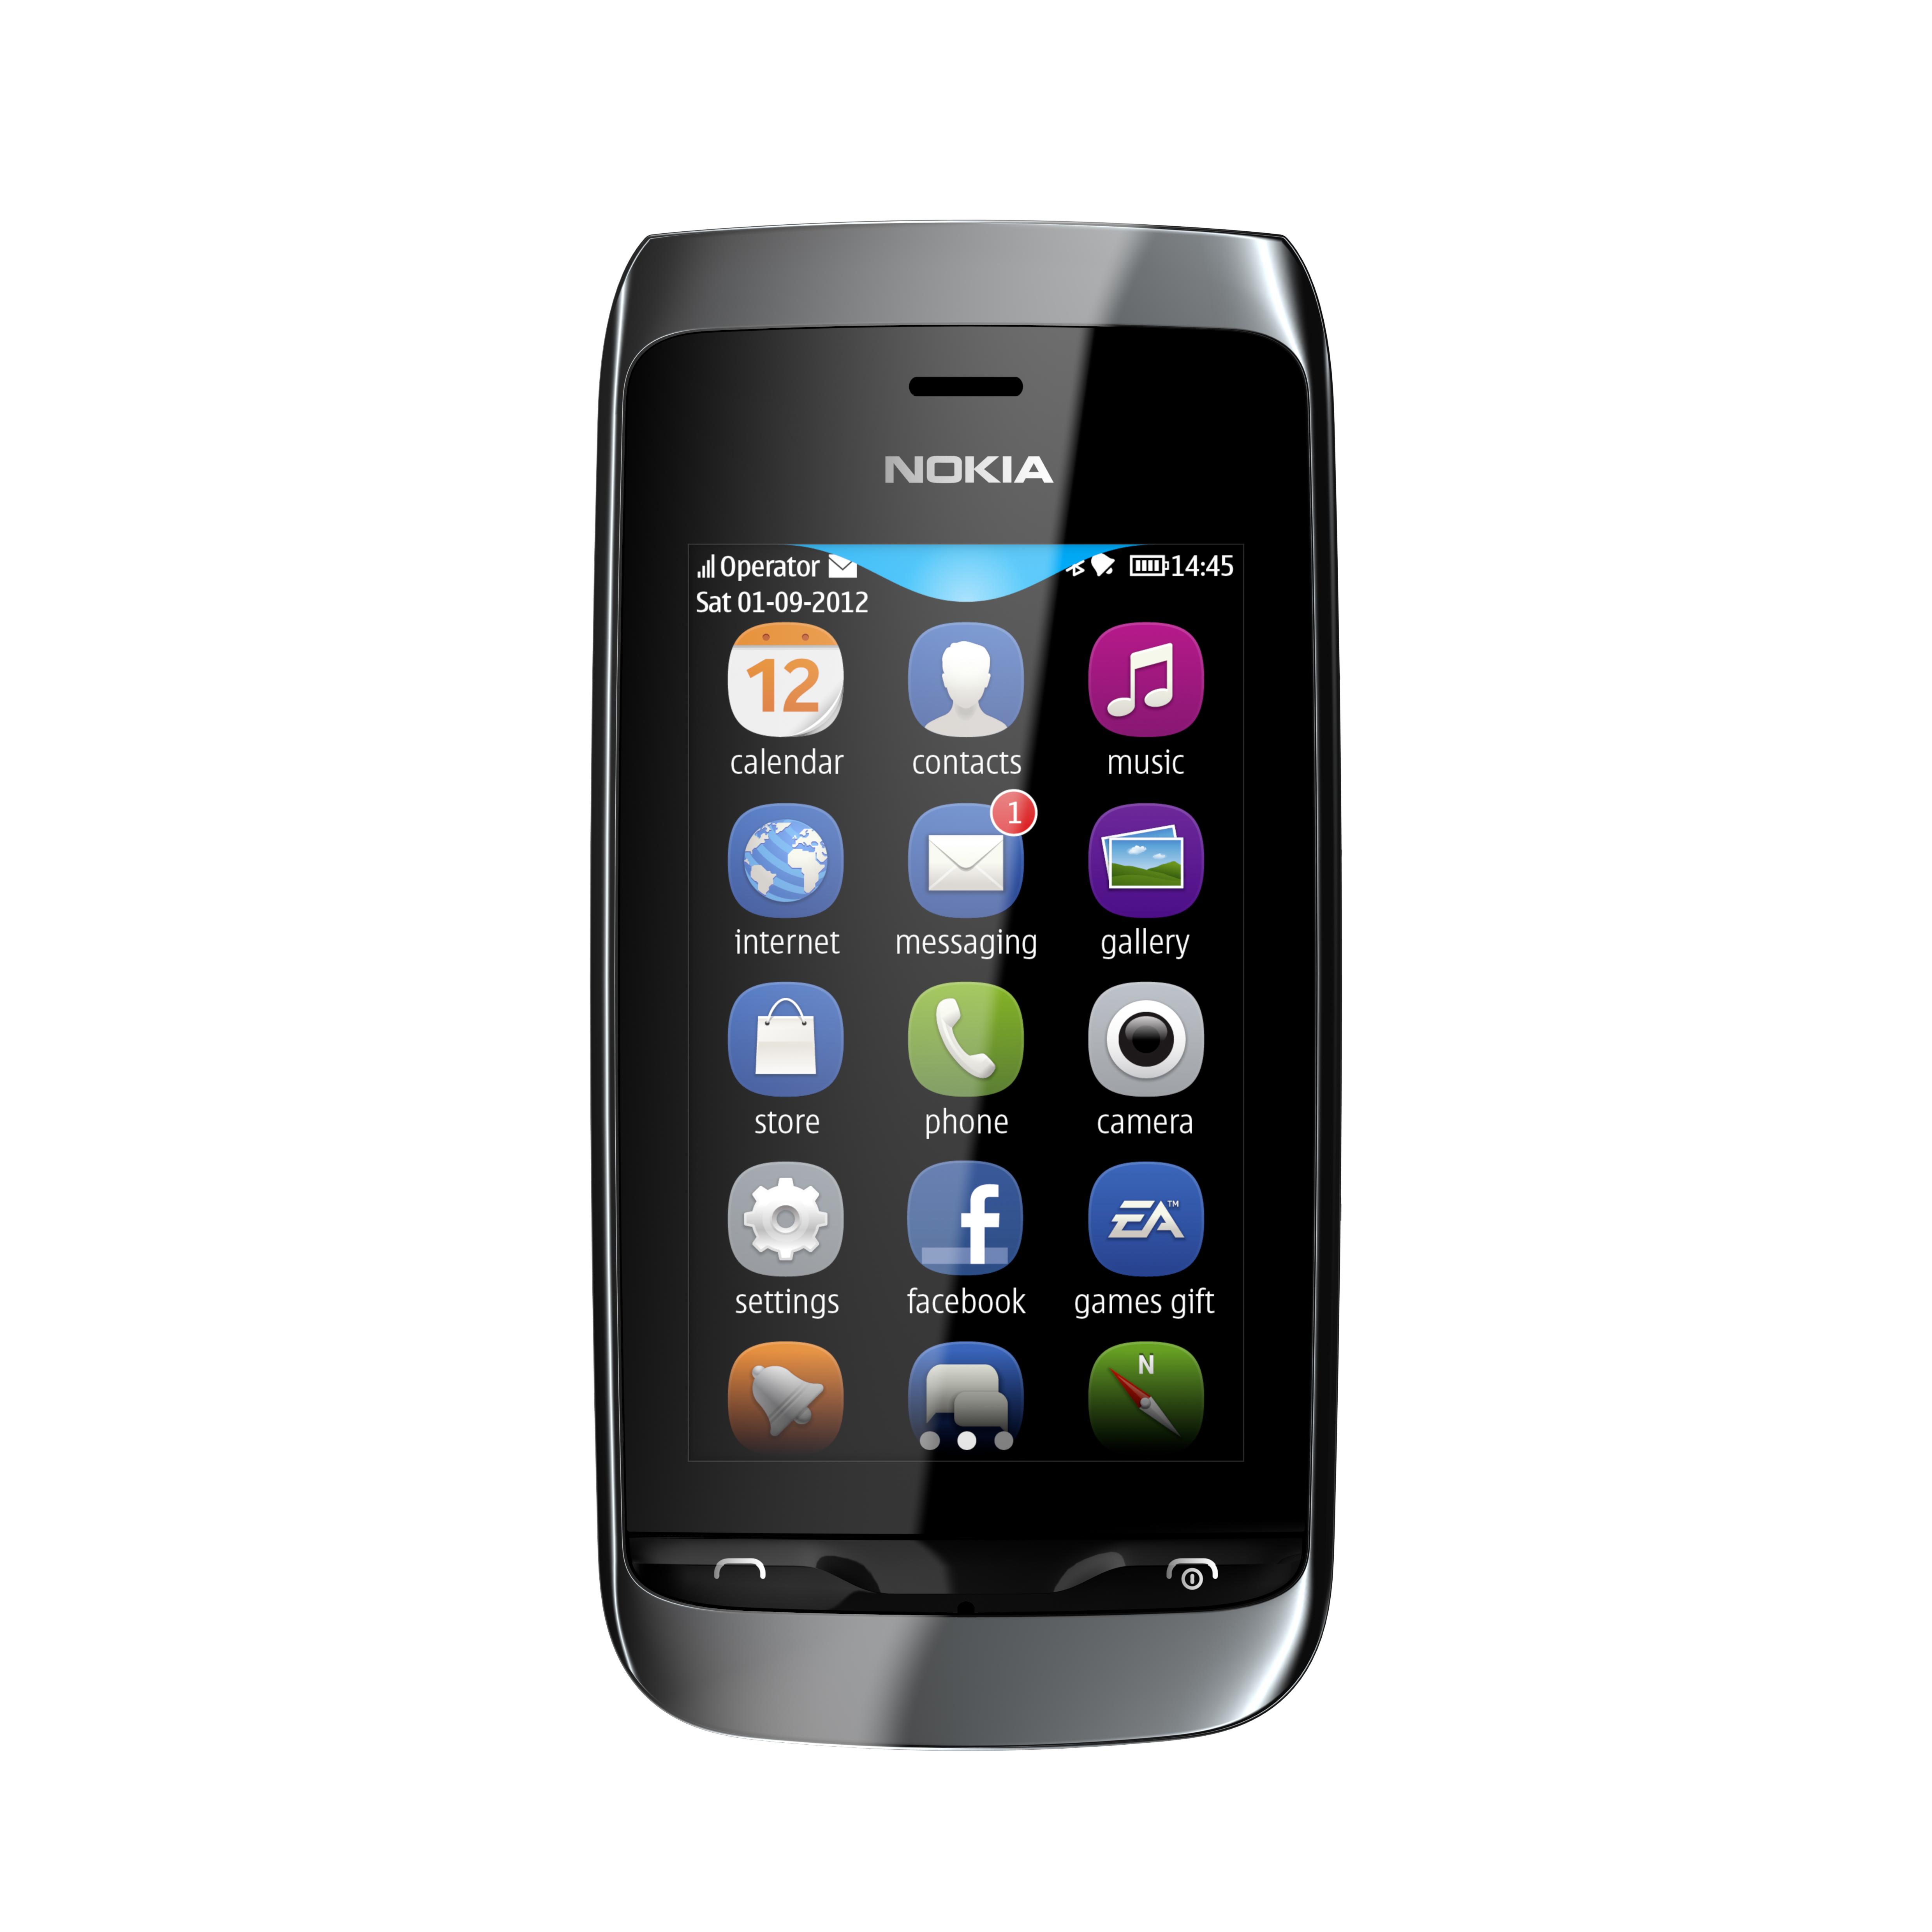 Nokia Какие Марки Телефонов Производят В Китае Саратов